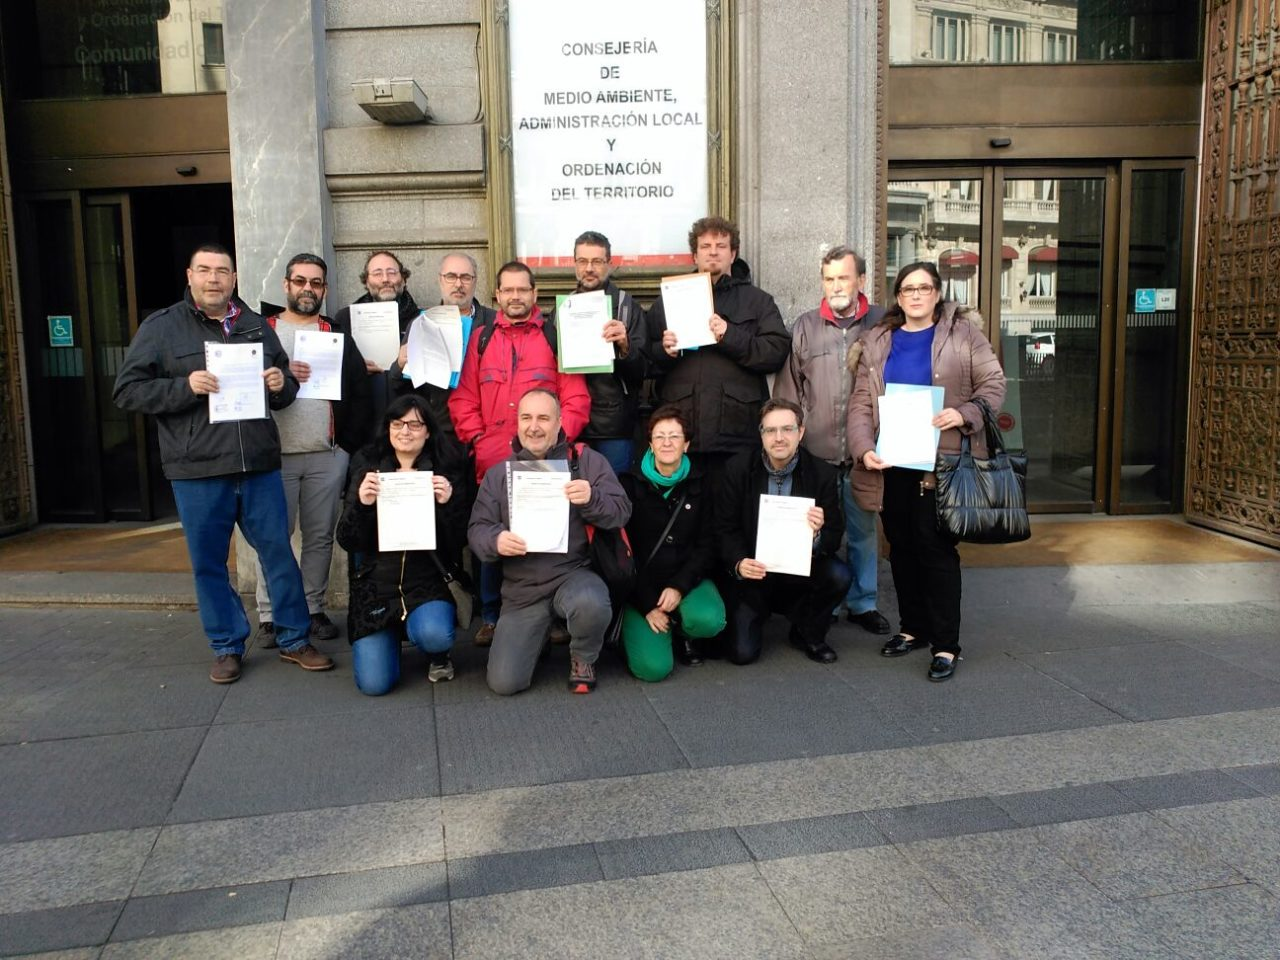 Entidades ecologistas y vecinales critican el protocolo anticontaminación de la Comunidad por su escasa utilidad